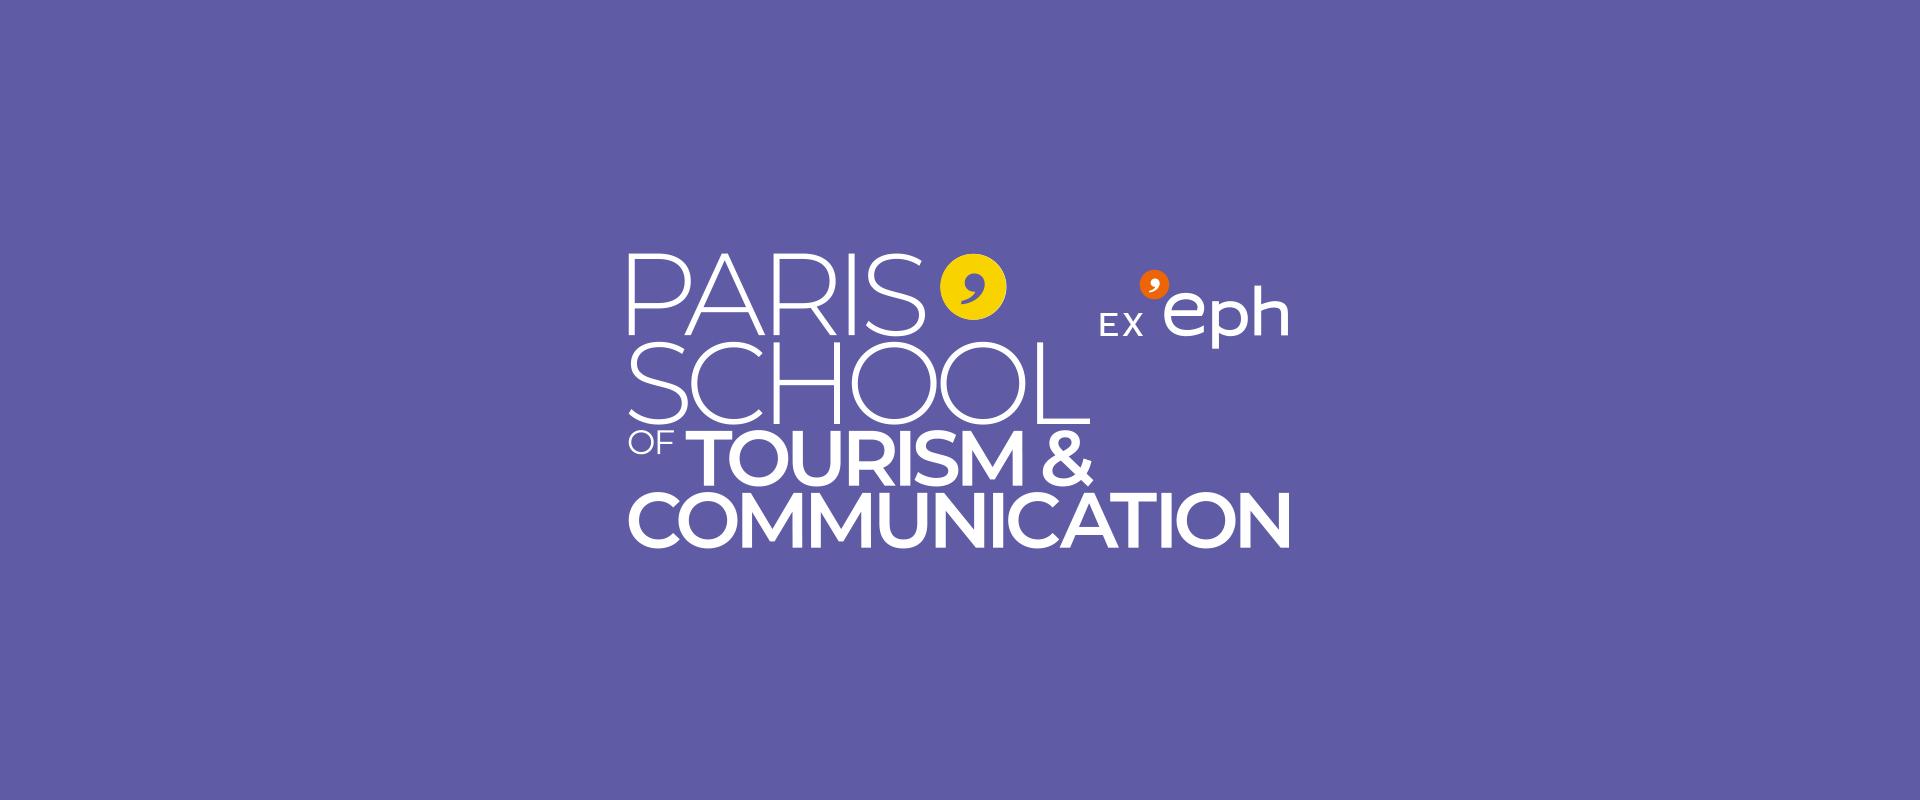 Paris School of Tourism & Communication